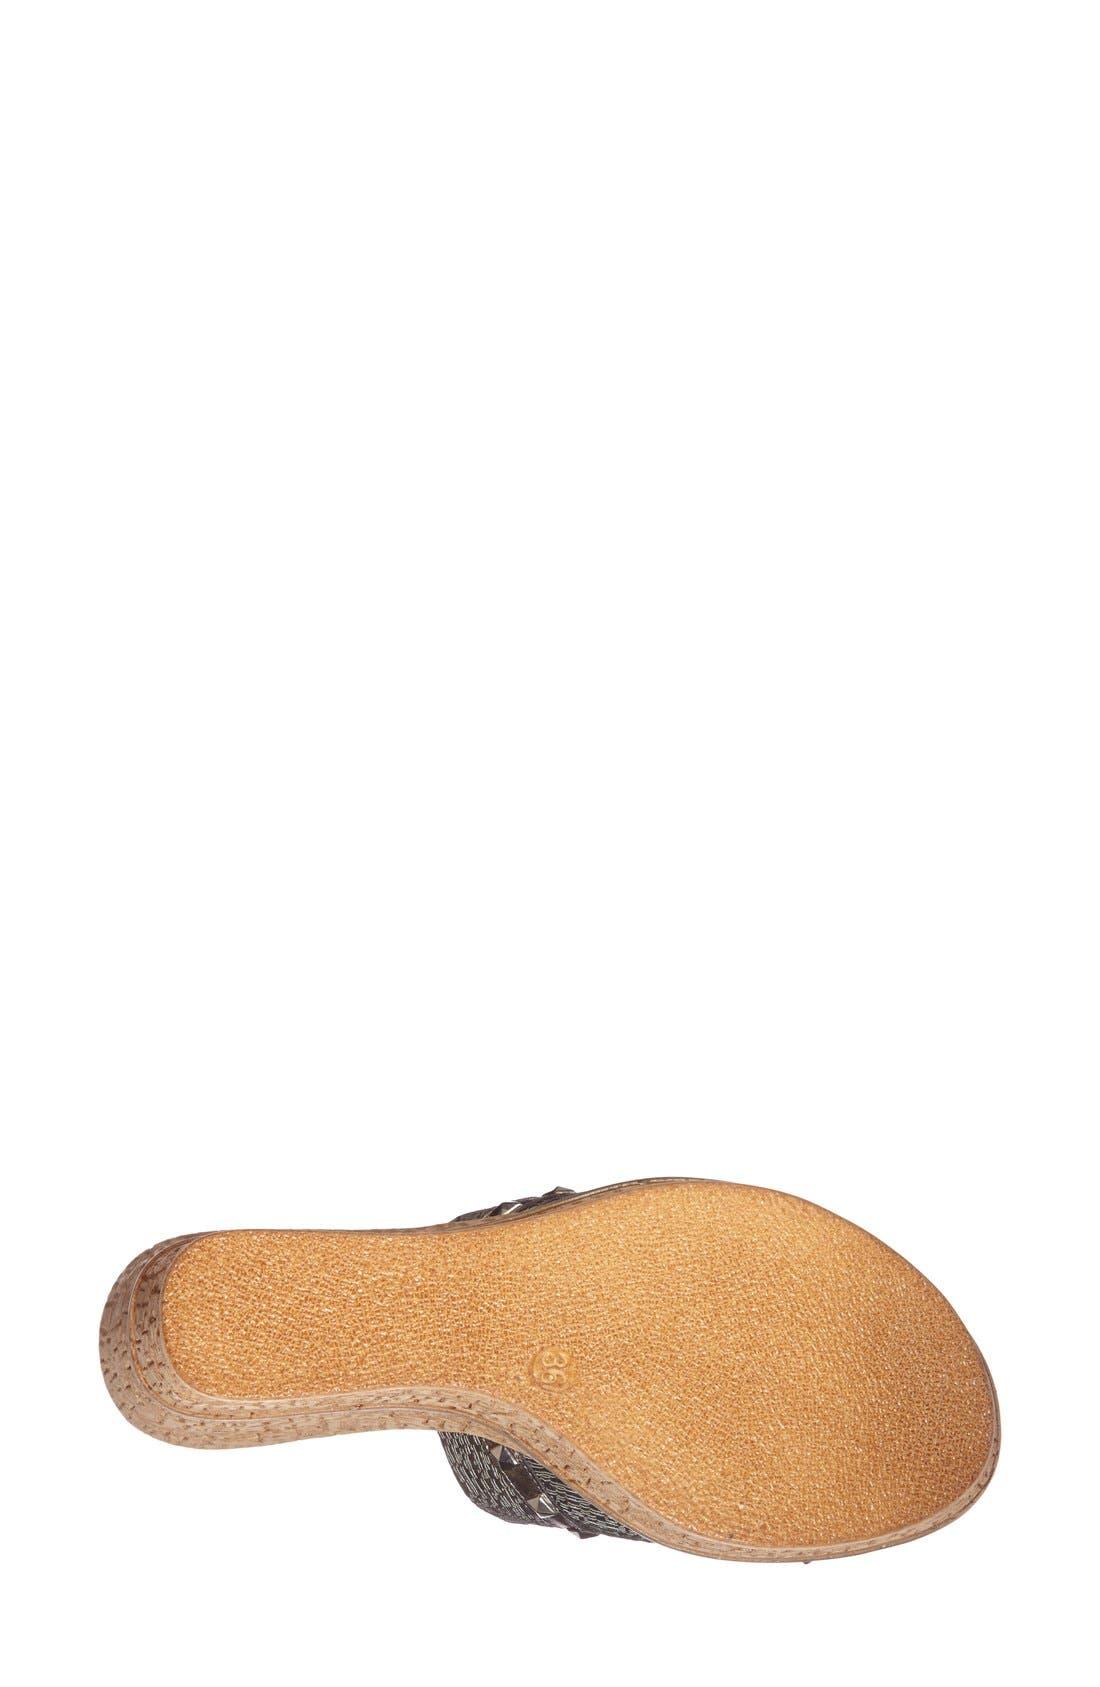 'Margo' Wedge Slide Sandal,                             Alternate thumbnail 6, color,                             040